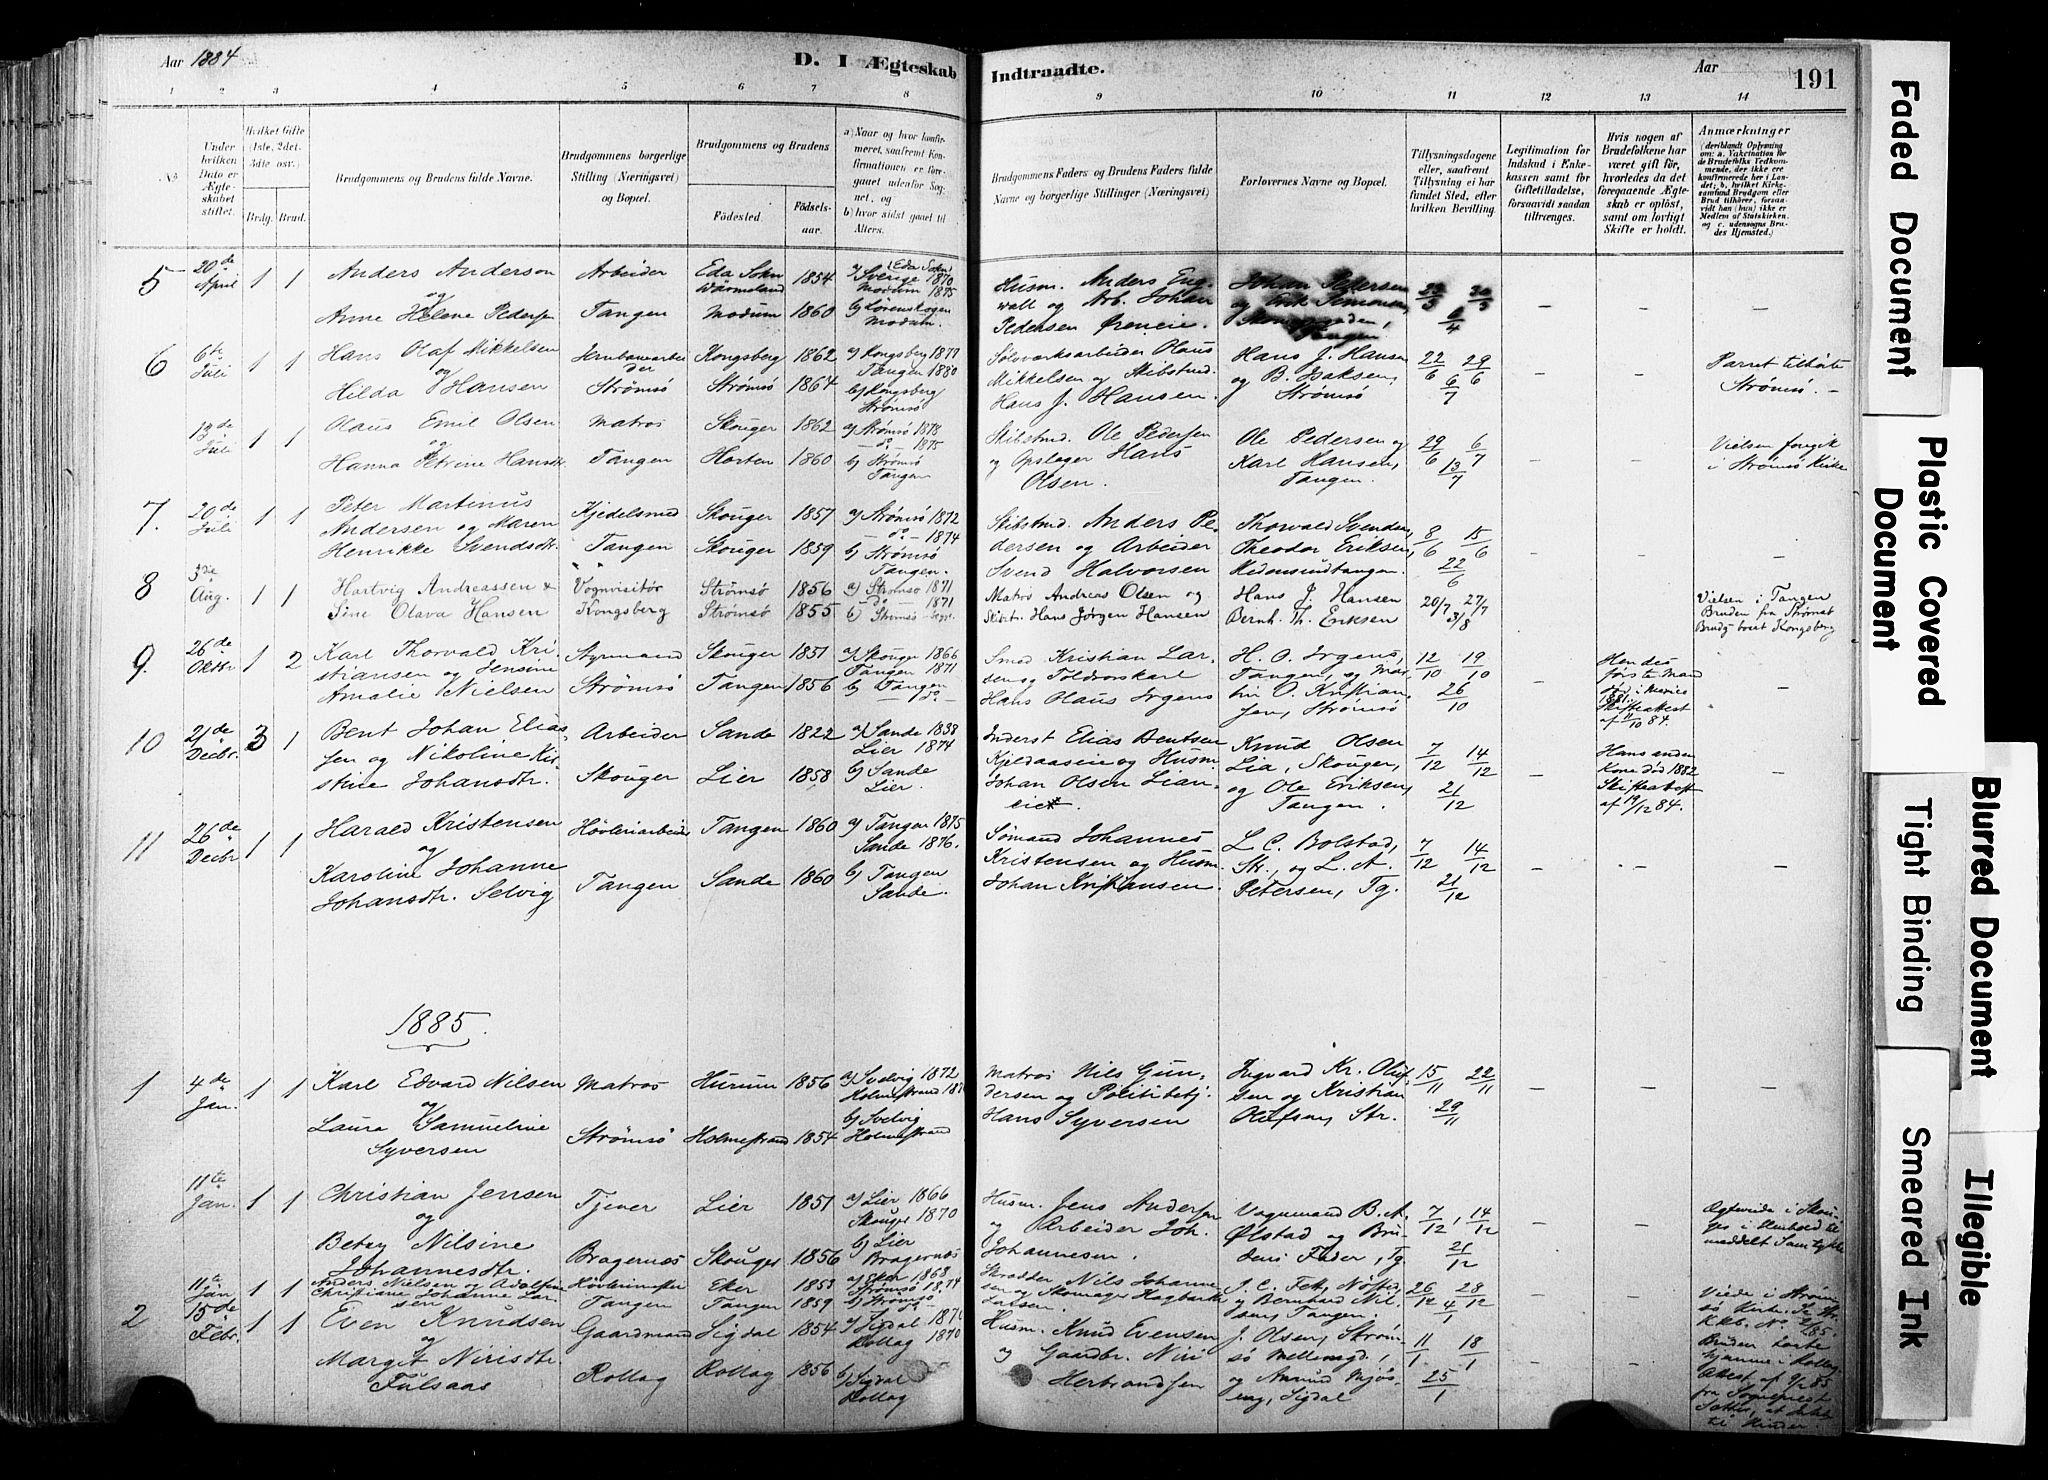 SAKO, Strømsø kirkebøker, F/Fb/L0006: Ministerialbok nr. II 6, 1879-1910, s. 191